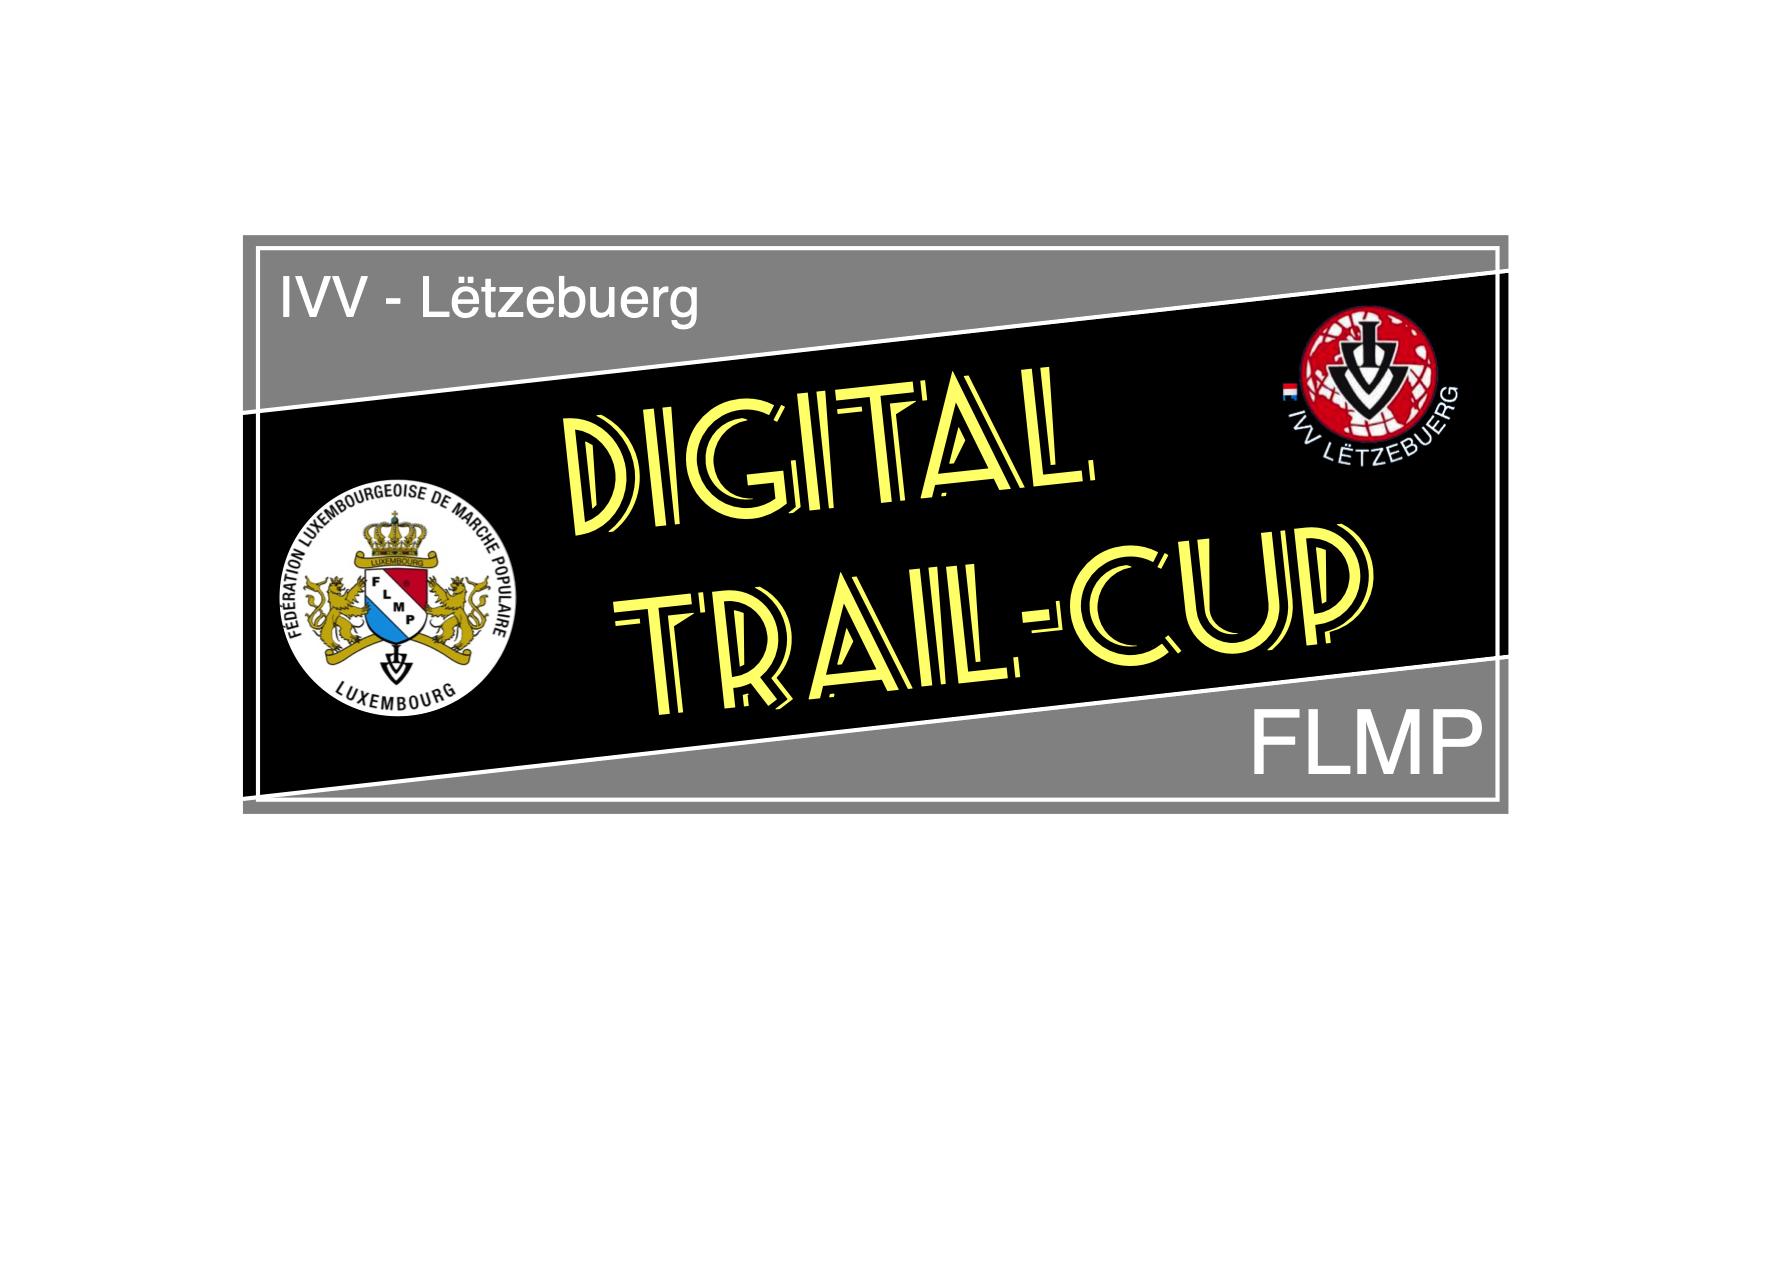 Et ass eng absolut Premiere : Den eischten Digitalen-Trail-Cup !